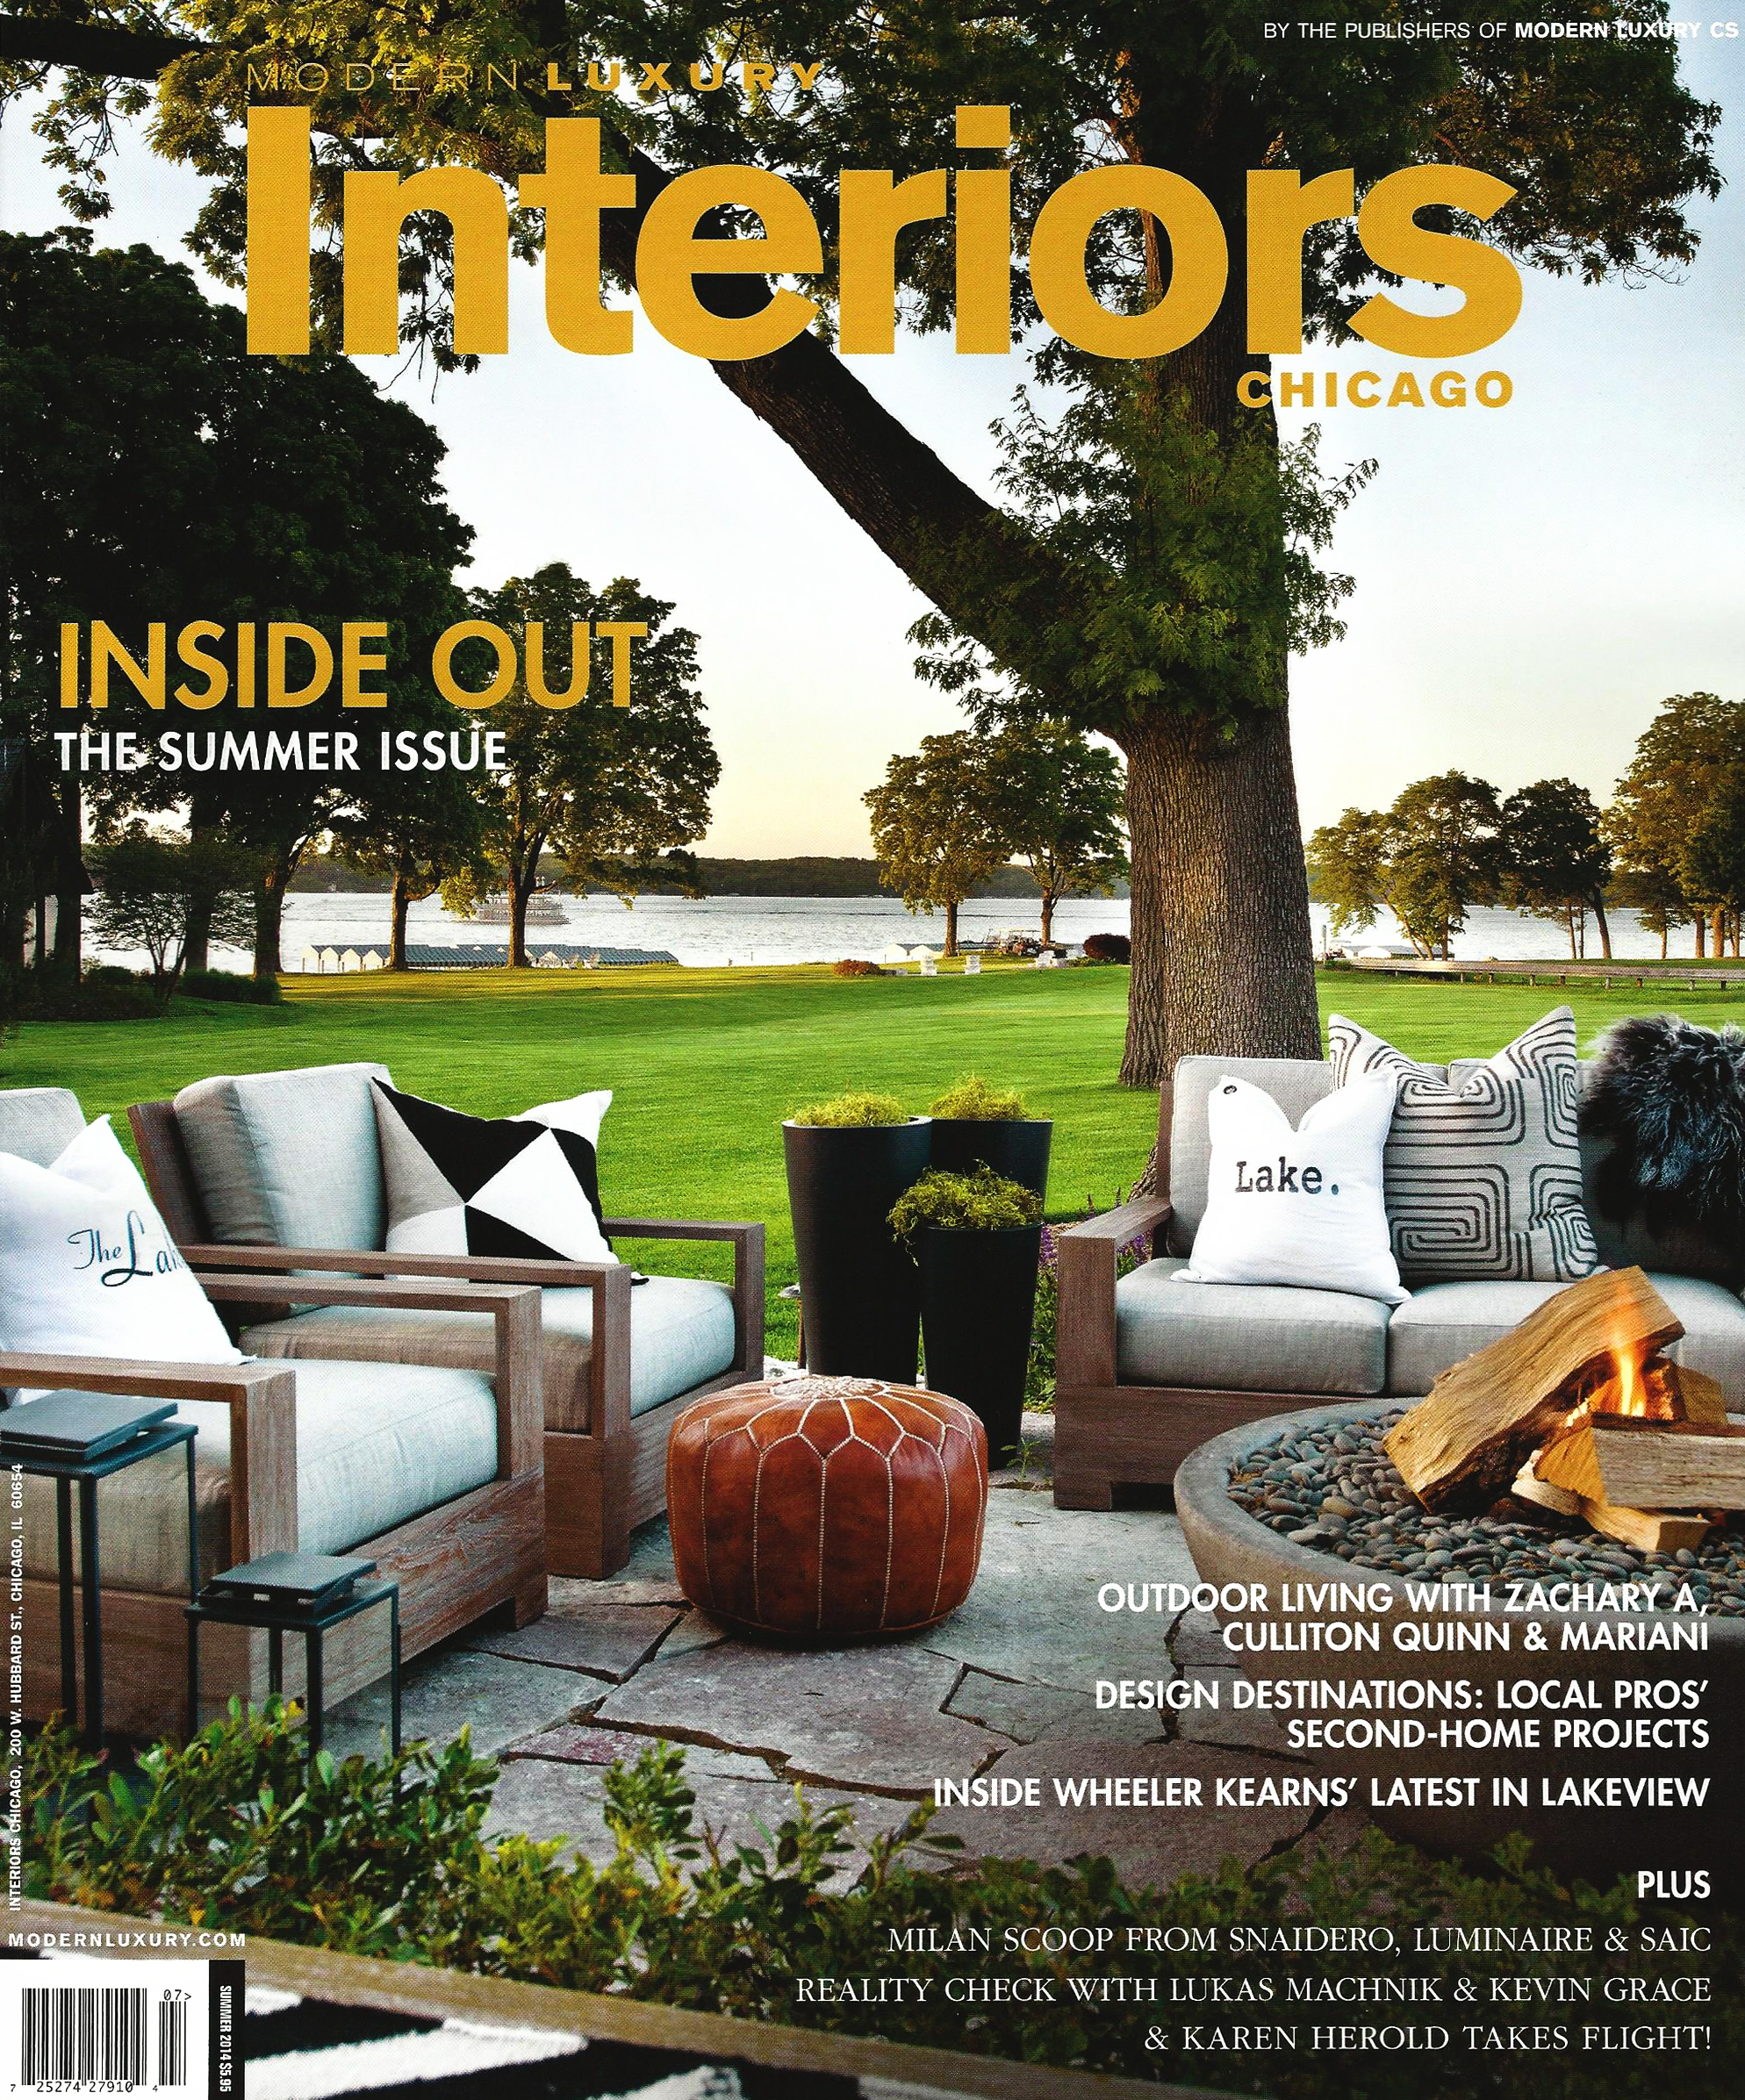 Modern Luxury Interiors Chicago - Summer - pg 112 113 - 2014